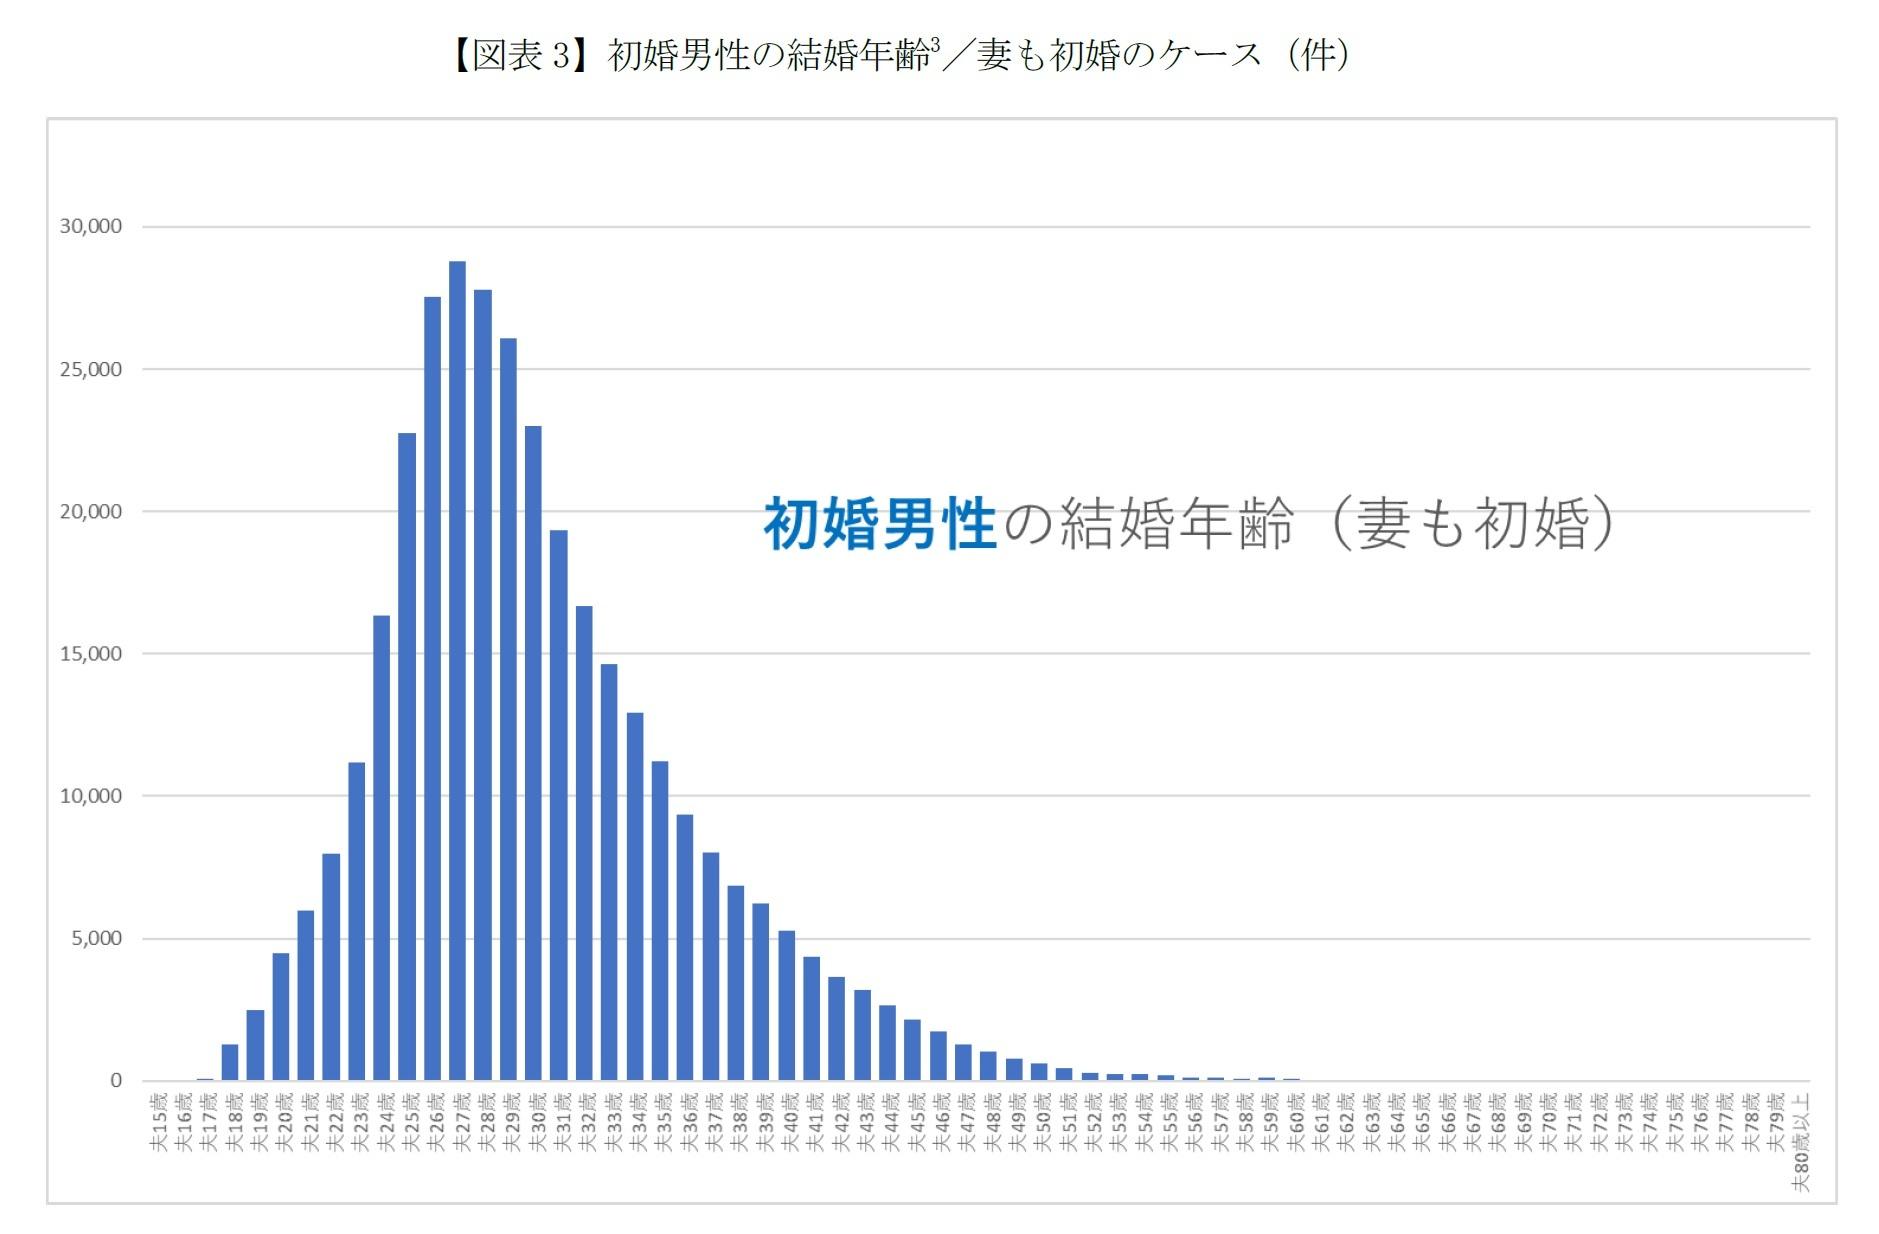 【図表3-1】初婚男性の結婚年齢 /妻も初婚のケース(件)